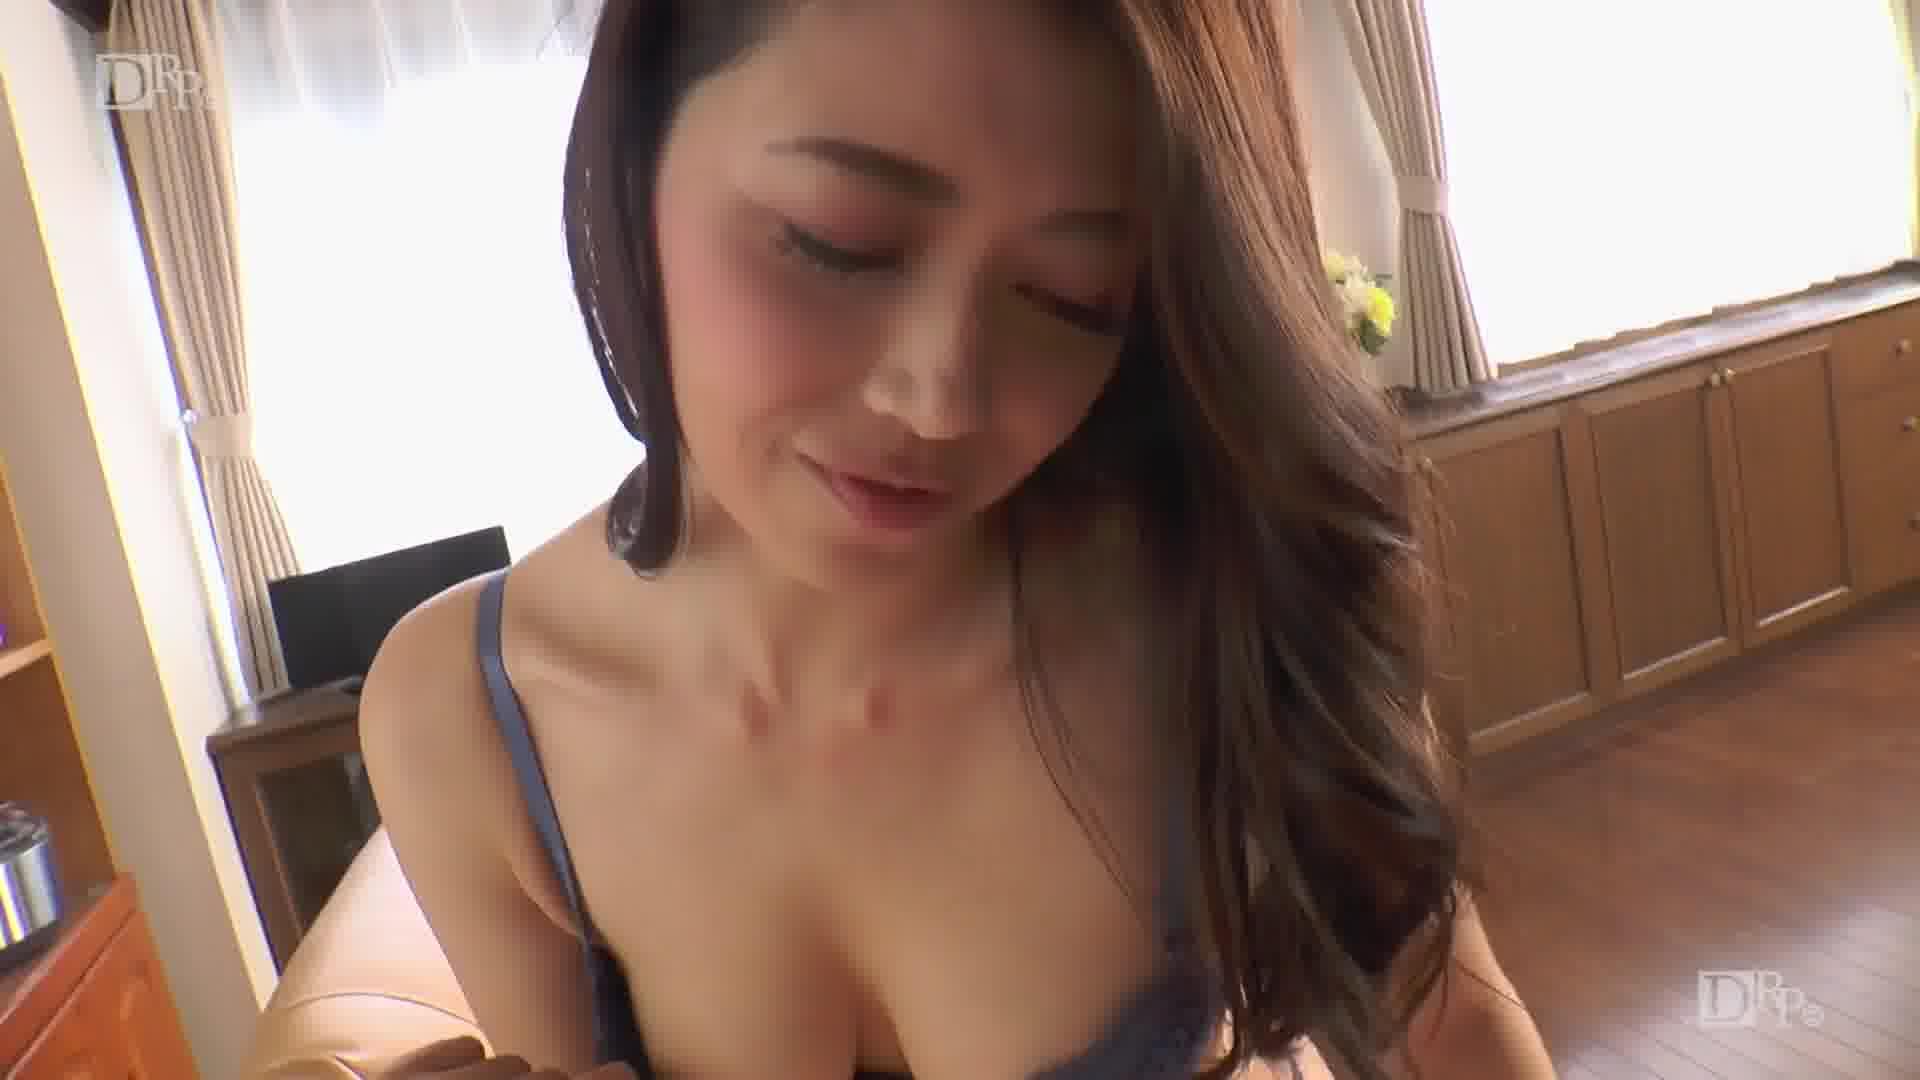 恍惚 ~欲望剥き出し熟女~ - 北条麻妃【バイブ・スレンダー・69】